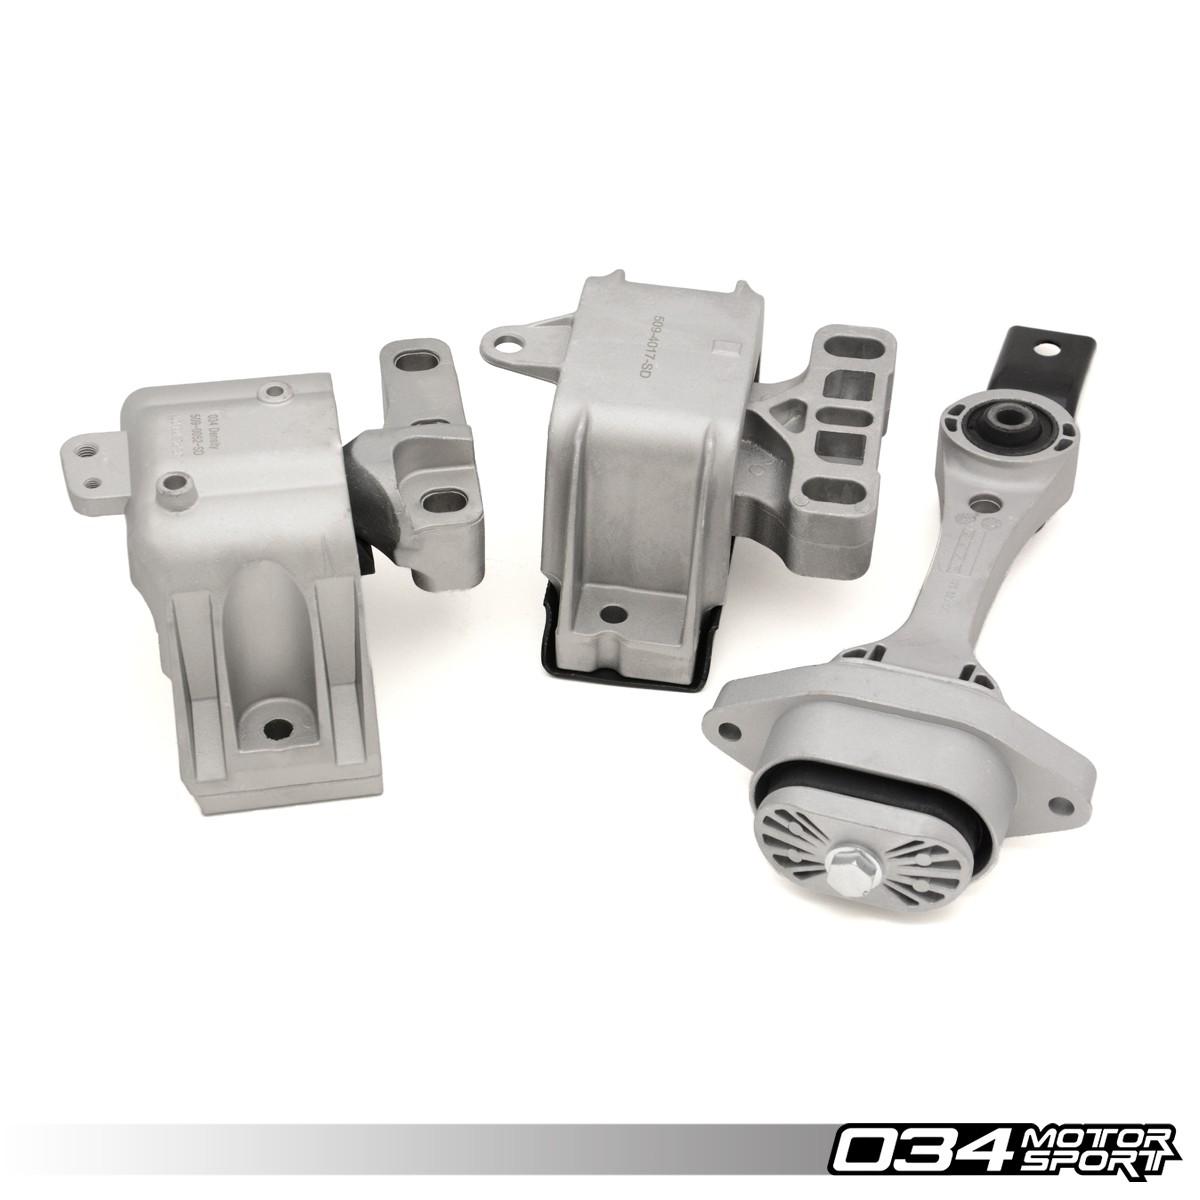 Motor Mount Set, Density Line, MkIV Volkswagen, 8L & 8N Audi, 1.8T, 2.0L, TDI | 034-509-5007